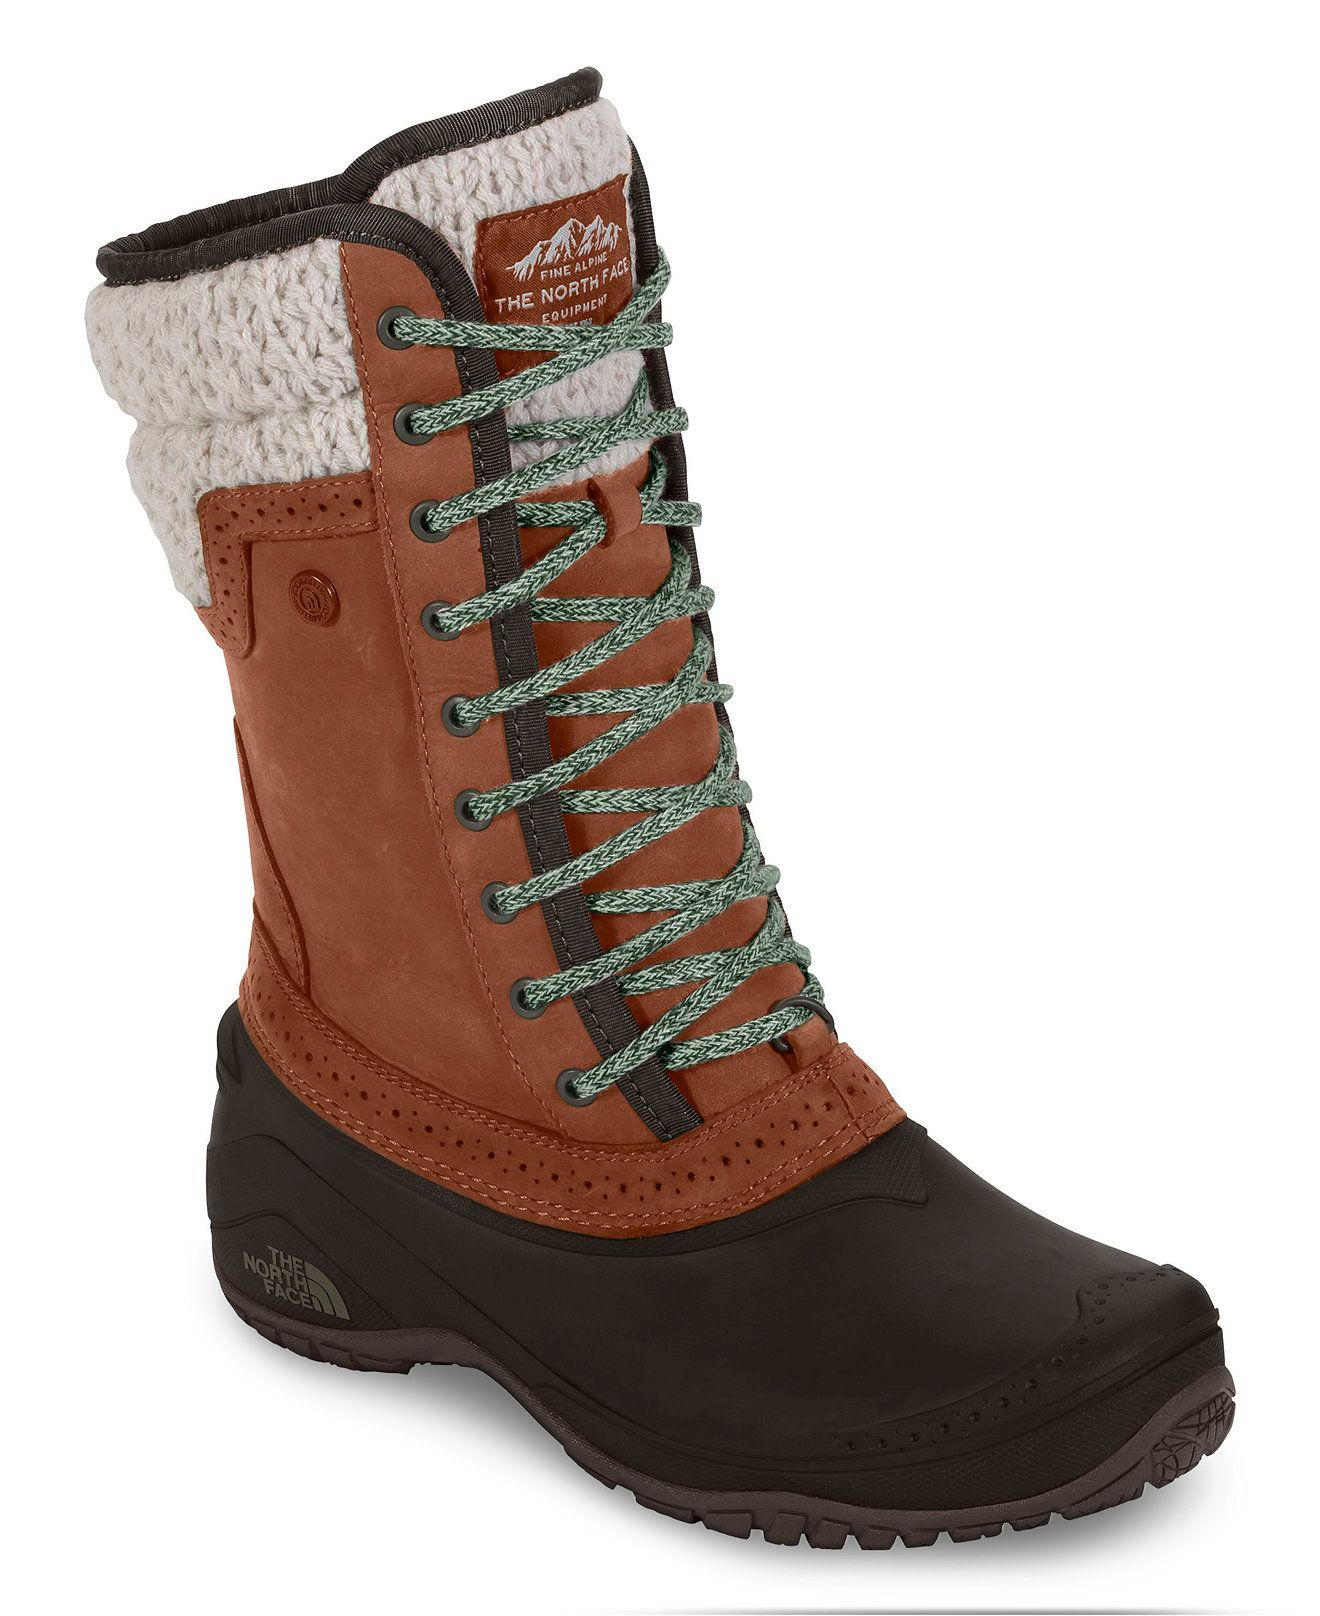 zapatillas invierno north face